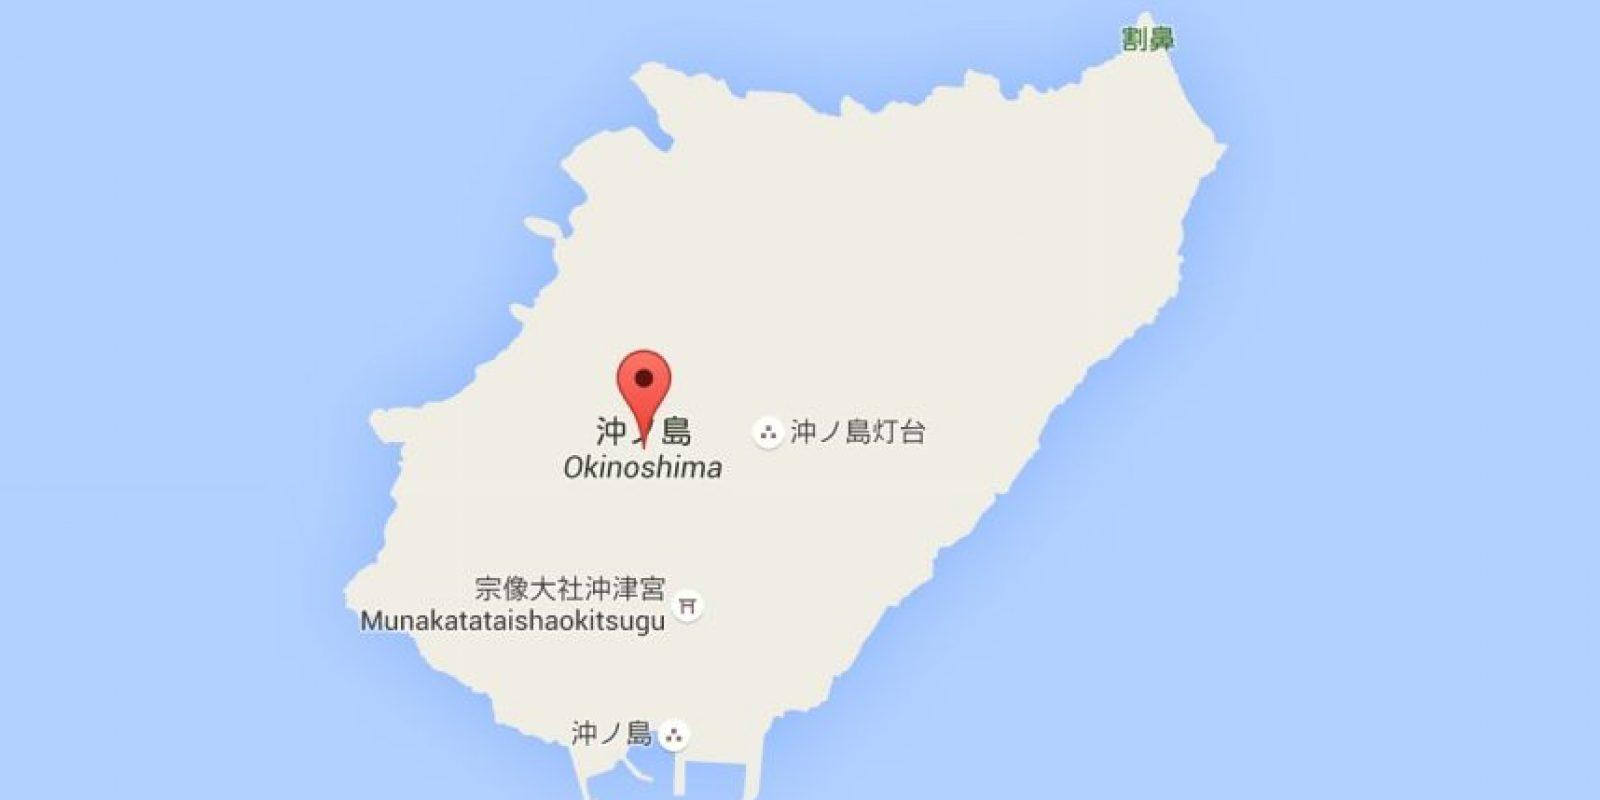 La remota isla está ubicada entre Japón y Corea del Sur. Foto:Google Maps